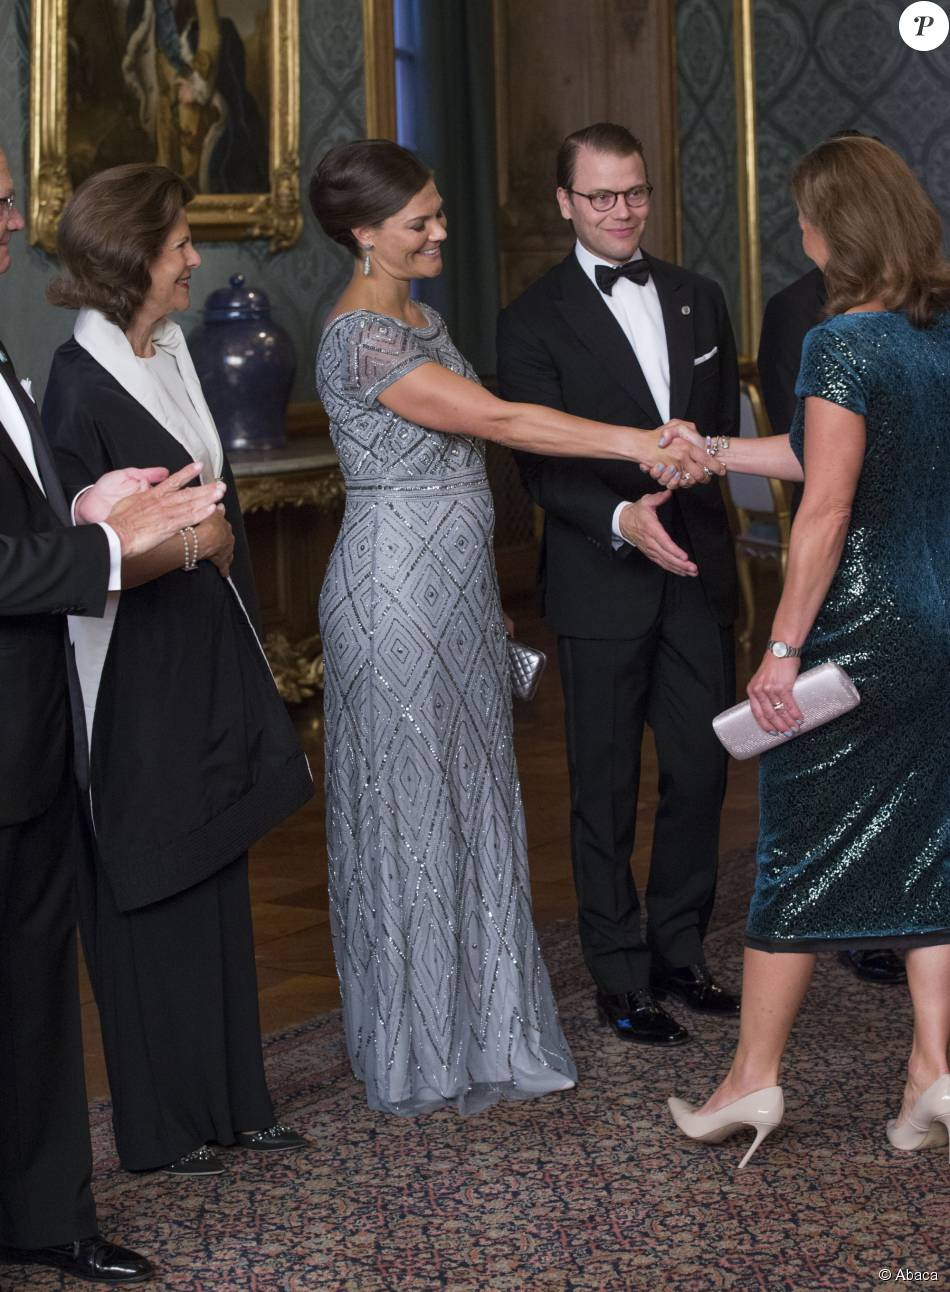 La princesse Victoria de Suède, enceinte de son deuxième enfant, prenait part à un dîner de gala au palais Drottningholm, à Stockholm, le 4 septembre 2015, quelques minutes après l'annonce de sa seconde grossesse.